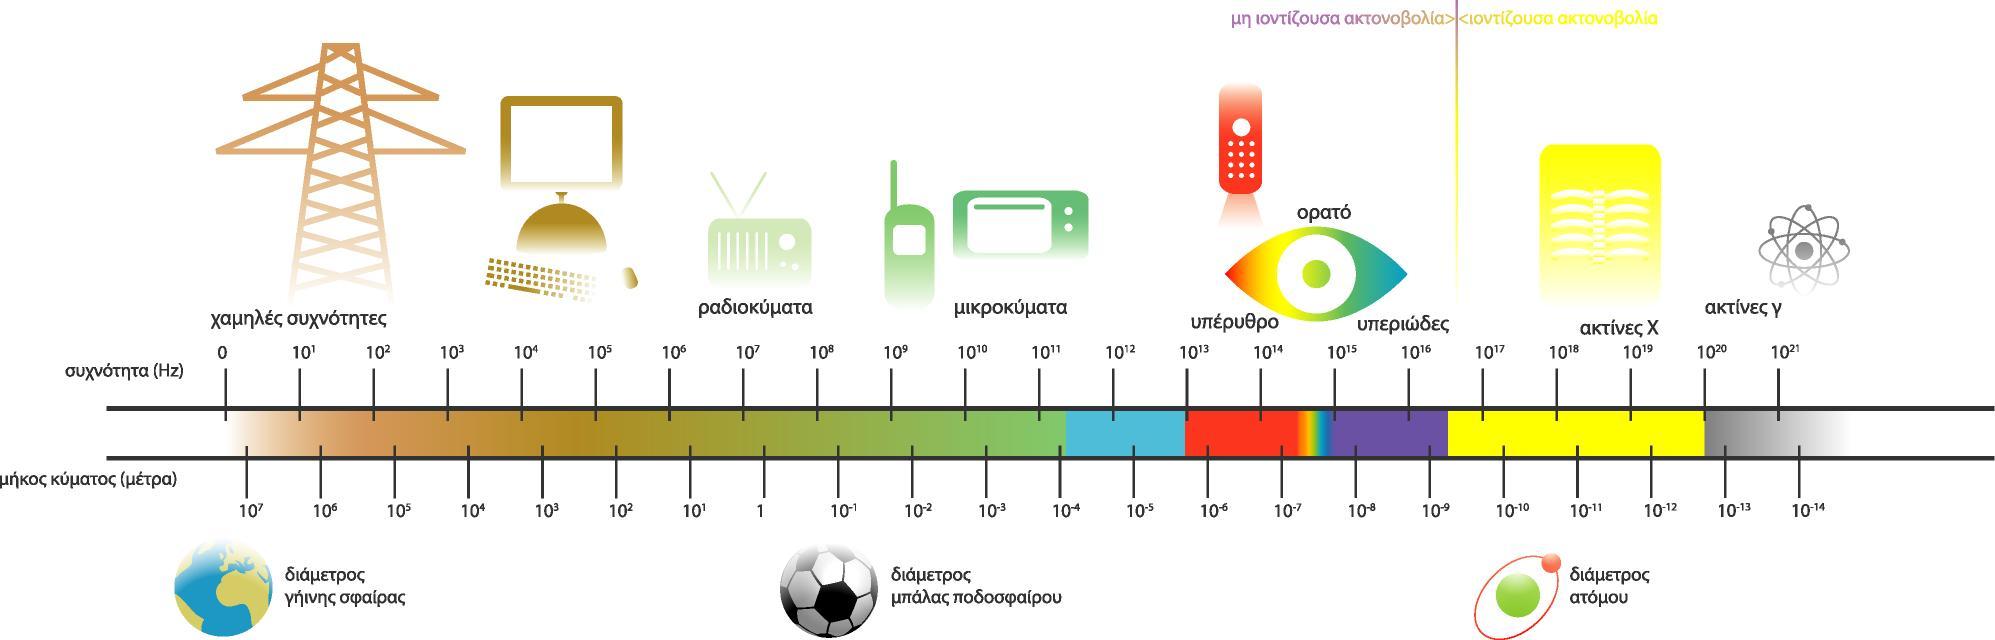 Αποτέλεσμα εικόνας για ηλεκτρομαγνητικη ακτινοβολια φασμα